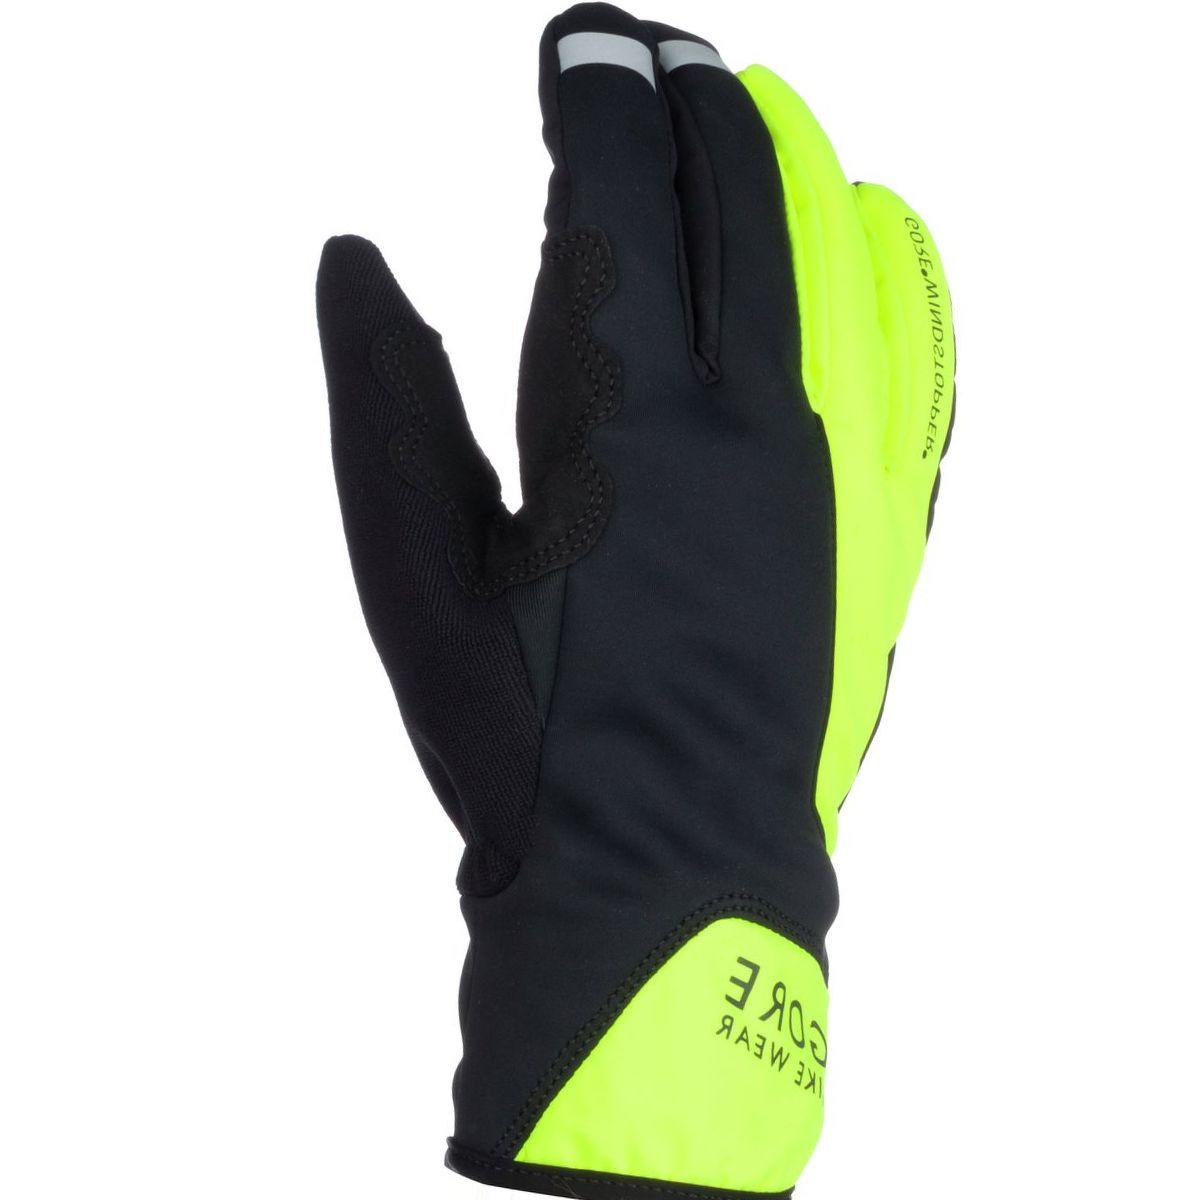 Gore Bike Wear Power Gore Windstopper Glove - Men's